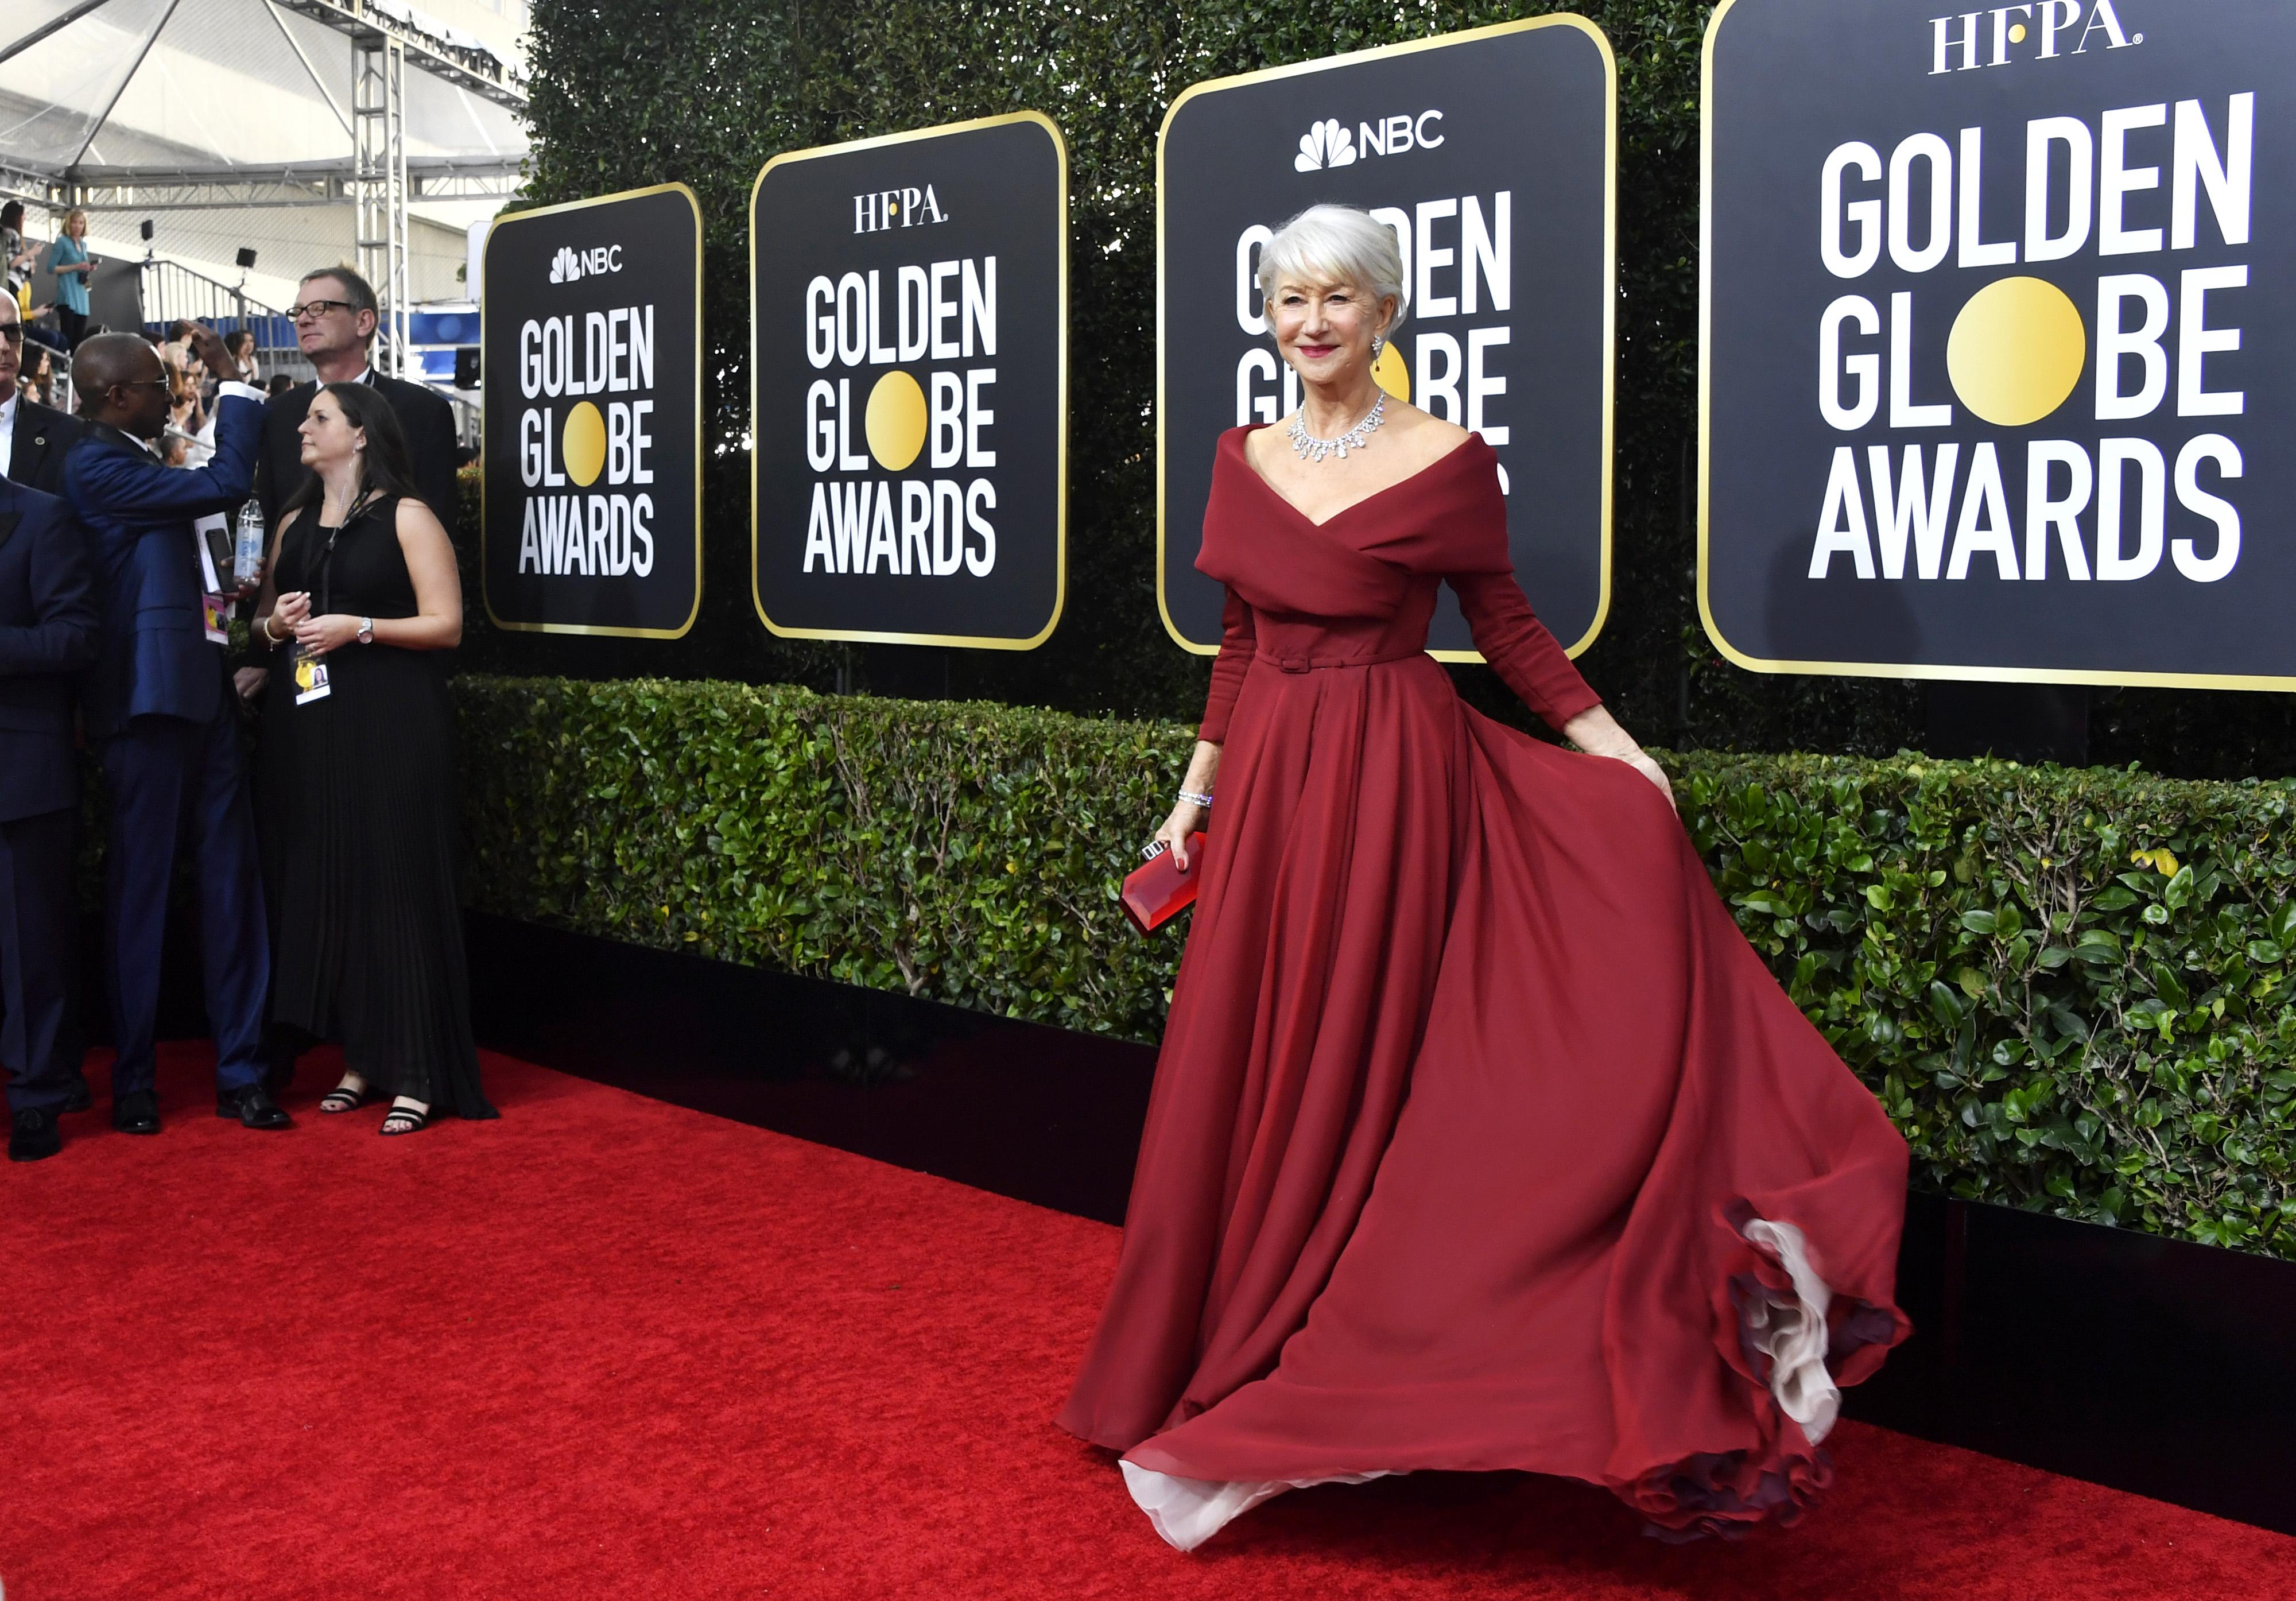 'Stunning looks' bij de Golden Globes